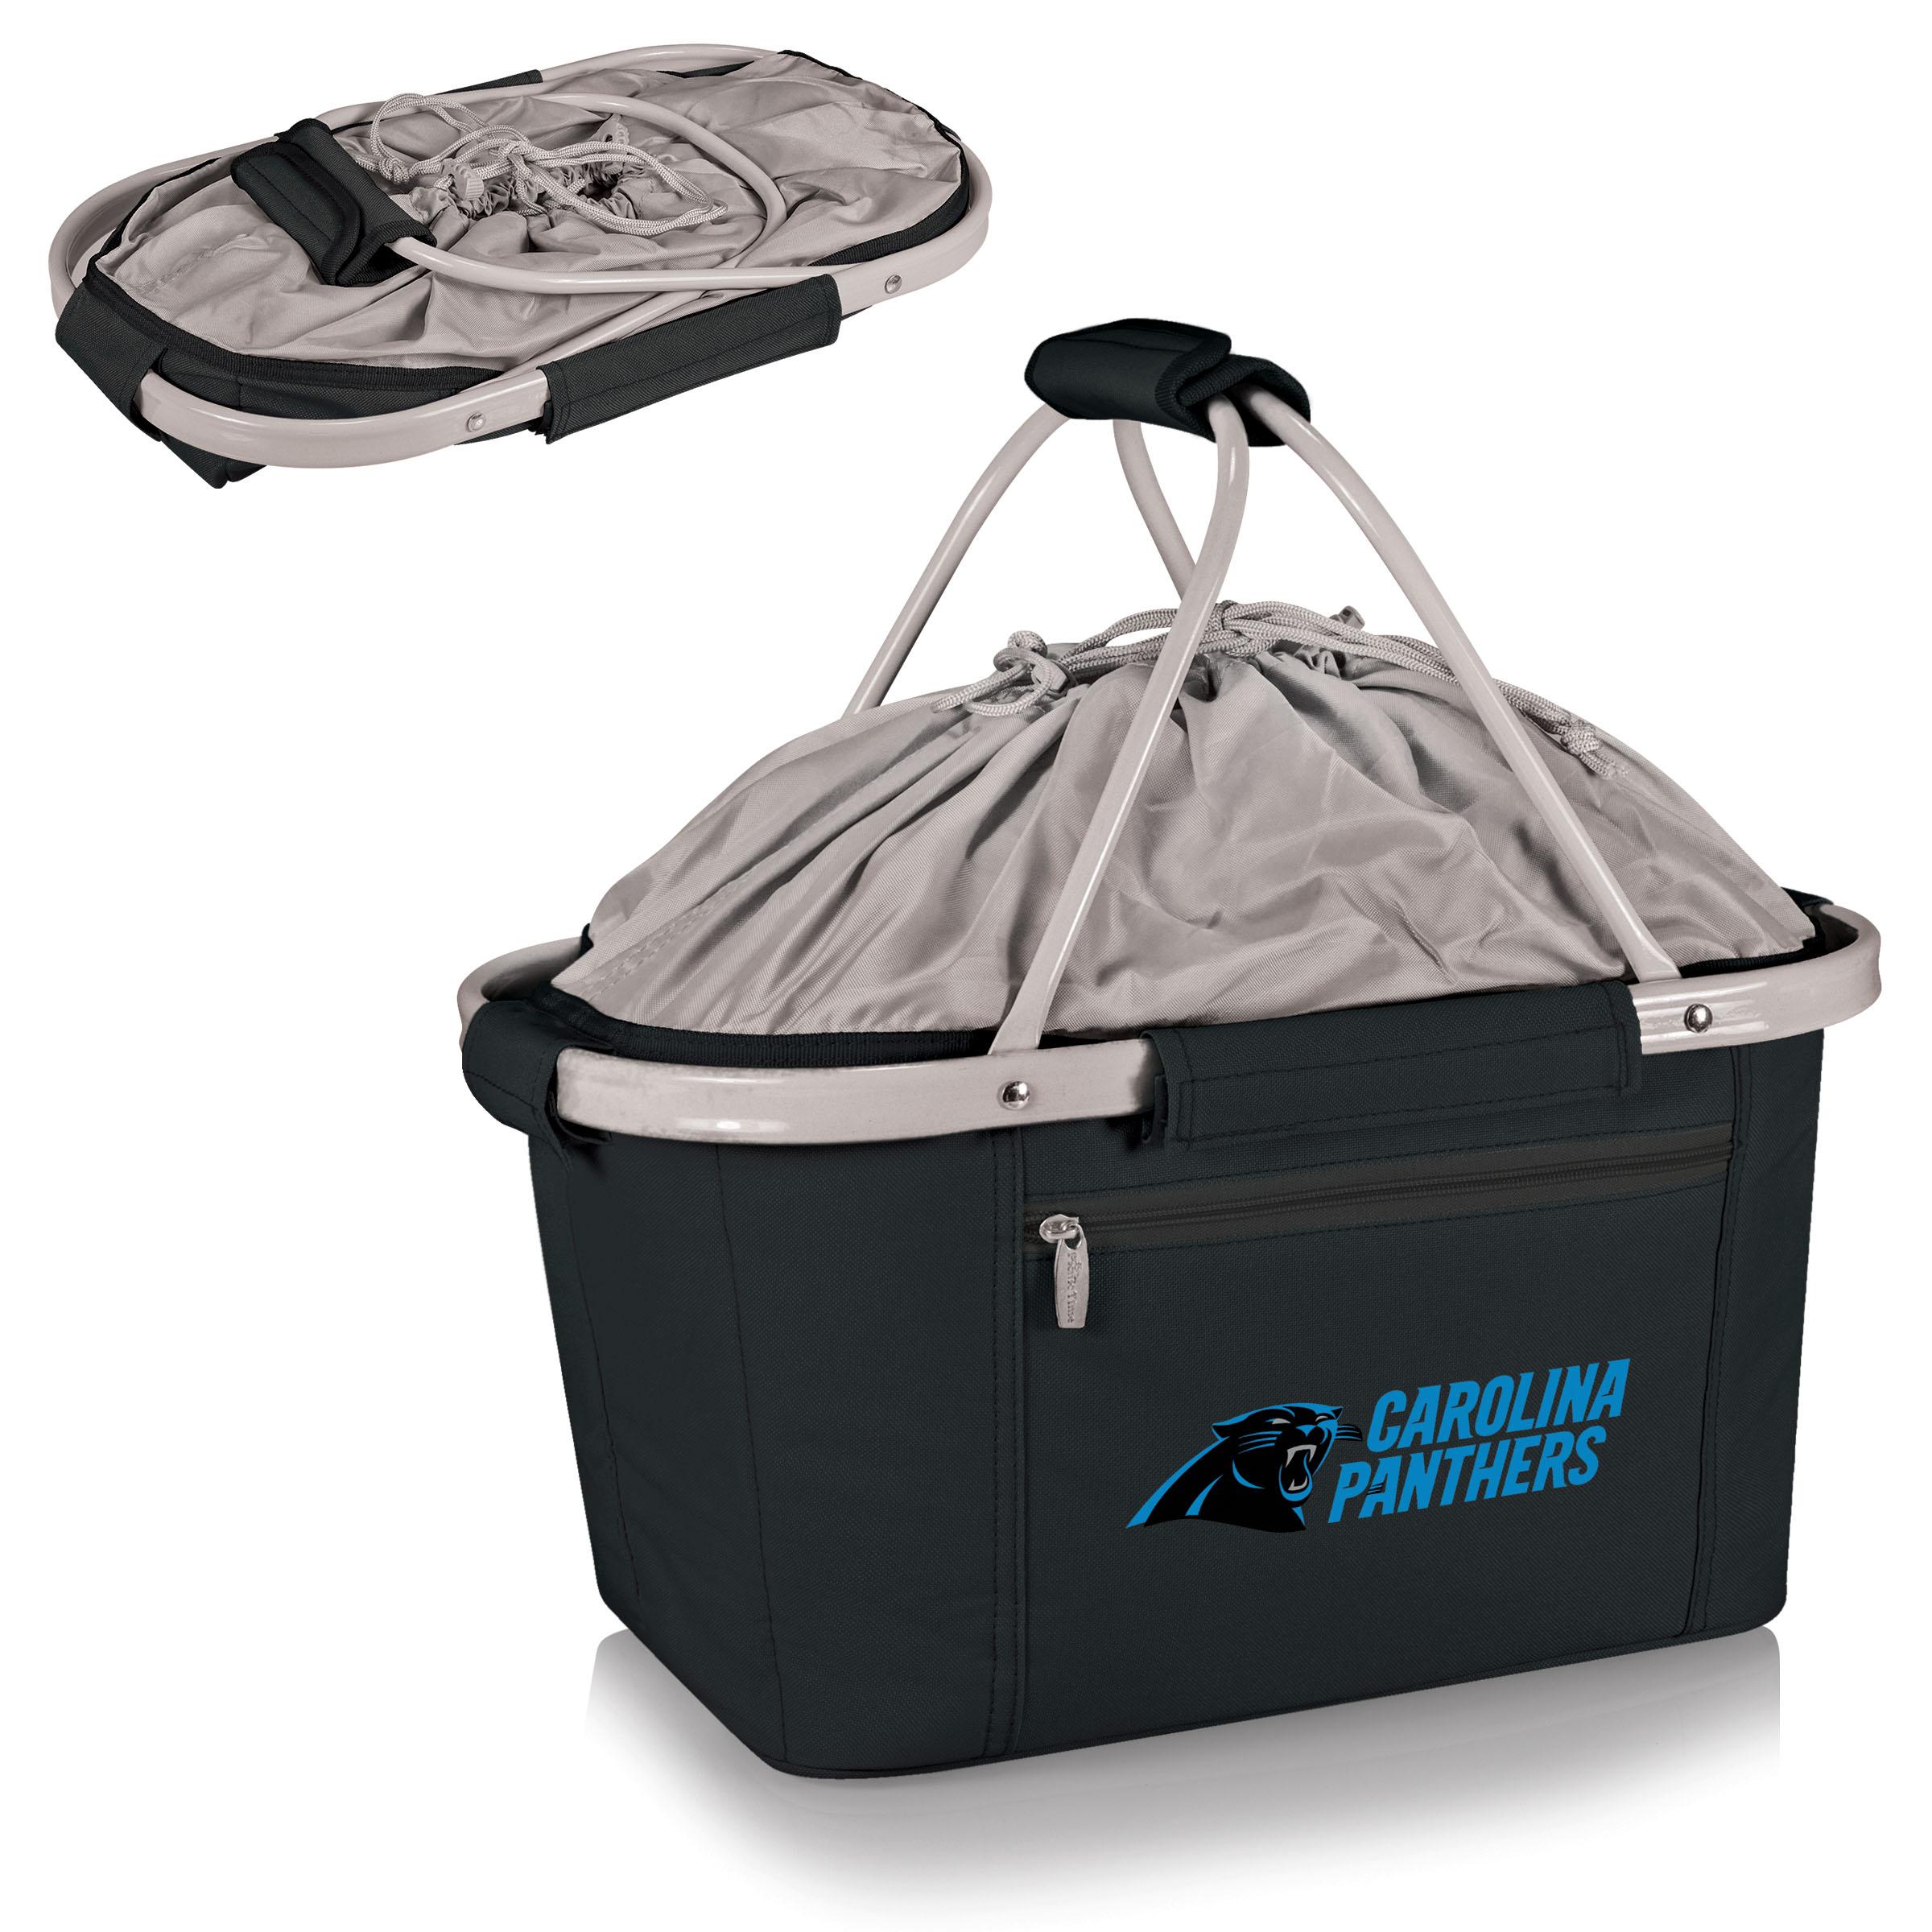 Carolina Panthers Metro Basket Collapsible Tote - Black